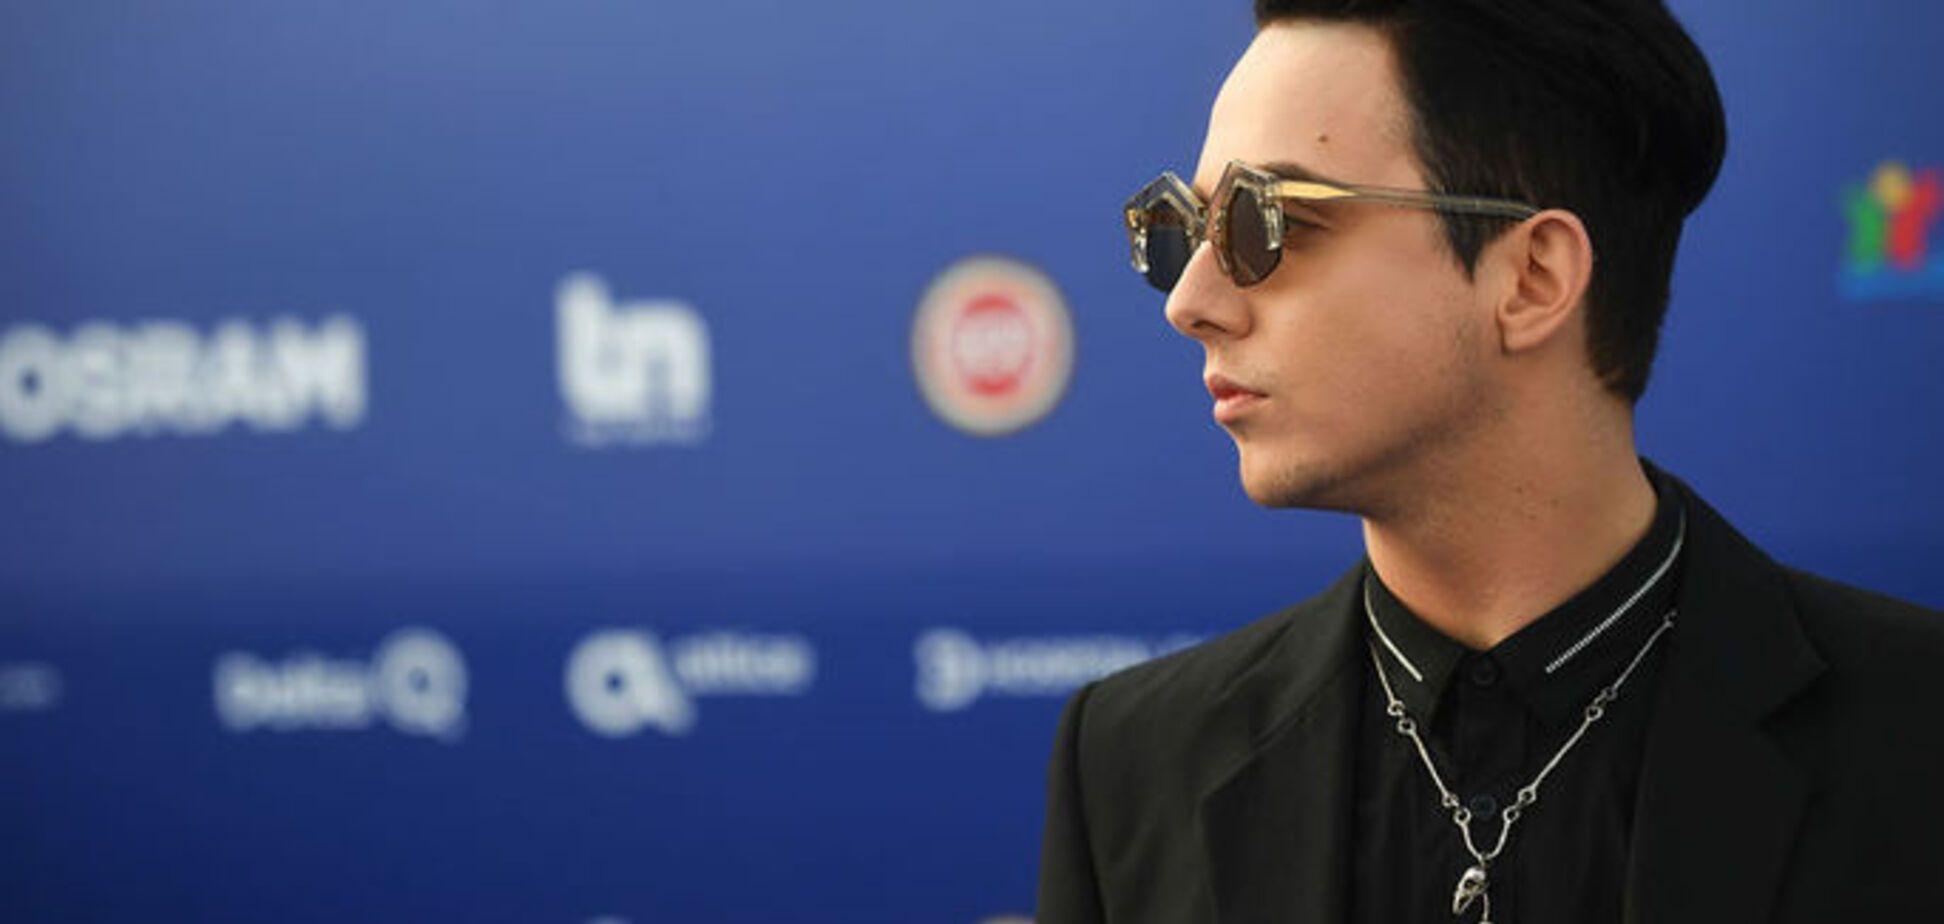 MELOVIN очолив топ найпопулярніших номерів 'Євробачення-2018'